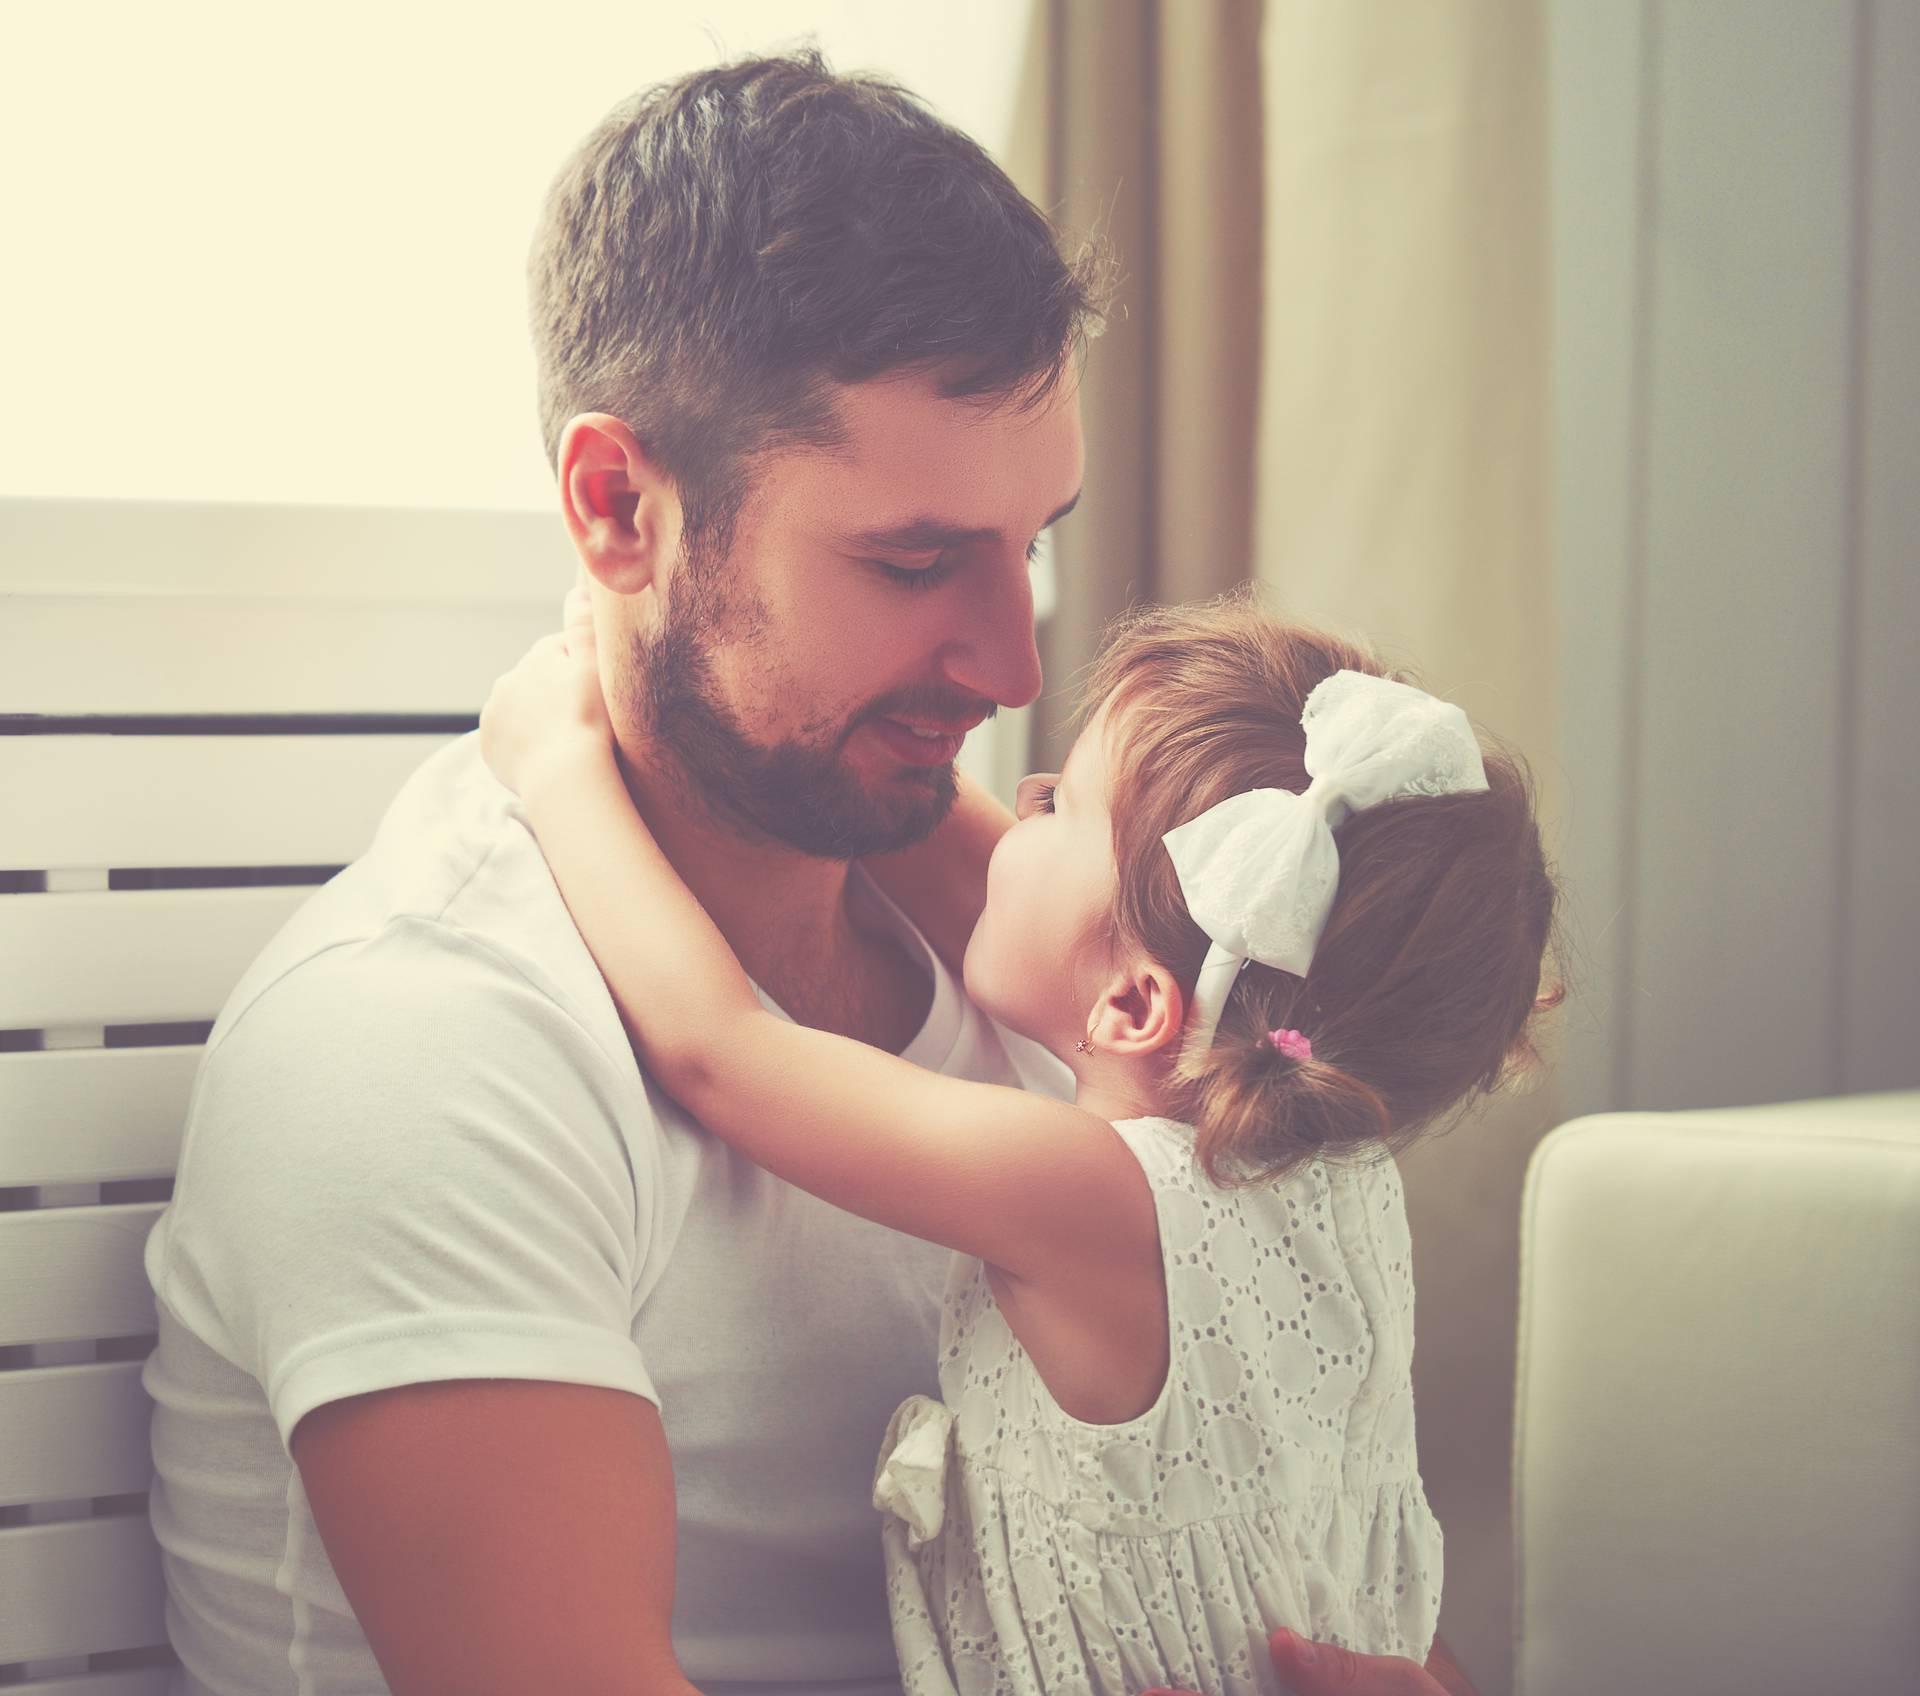 Divni citati o važnosti očeva: Oni su uzori, podrška i zaštita